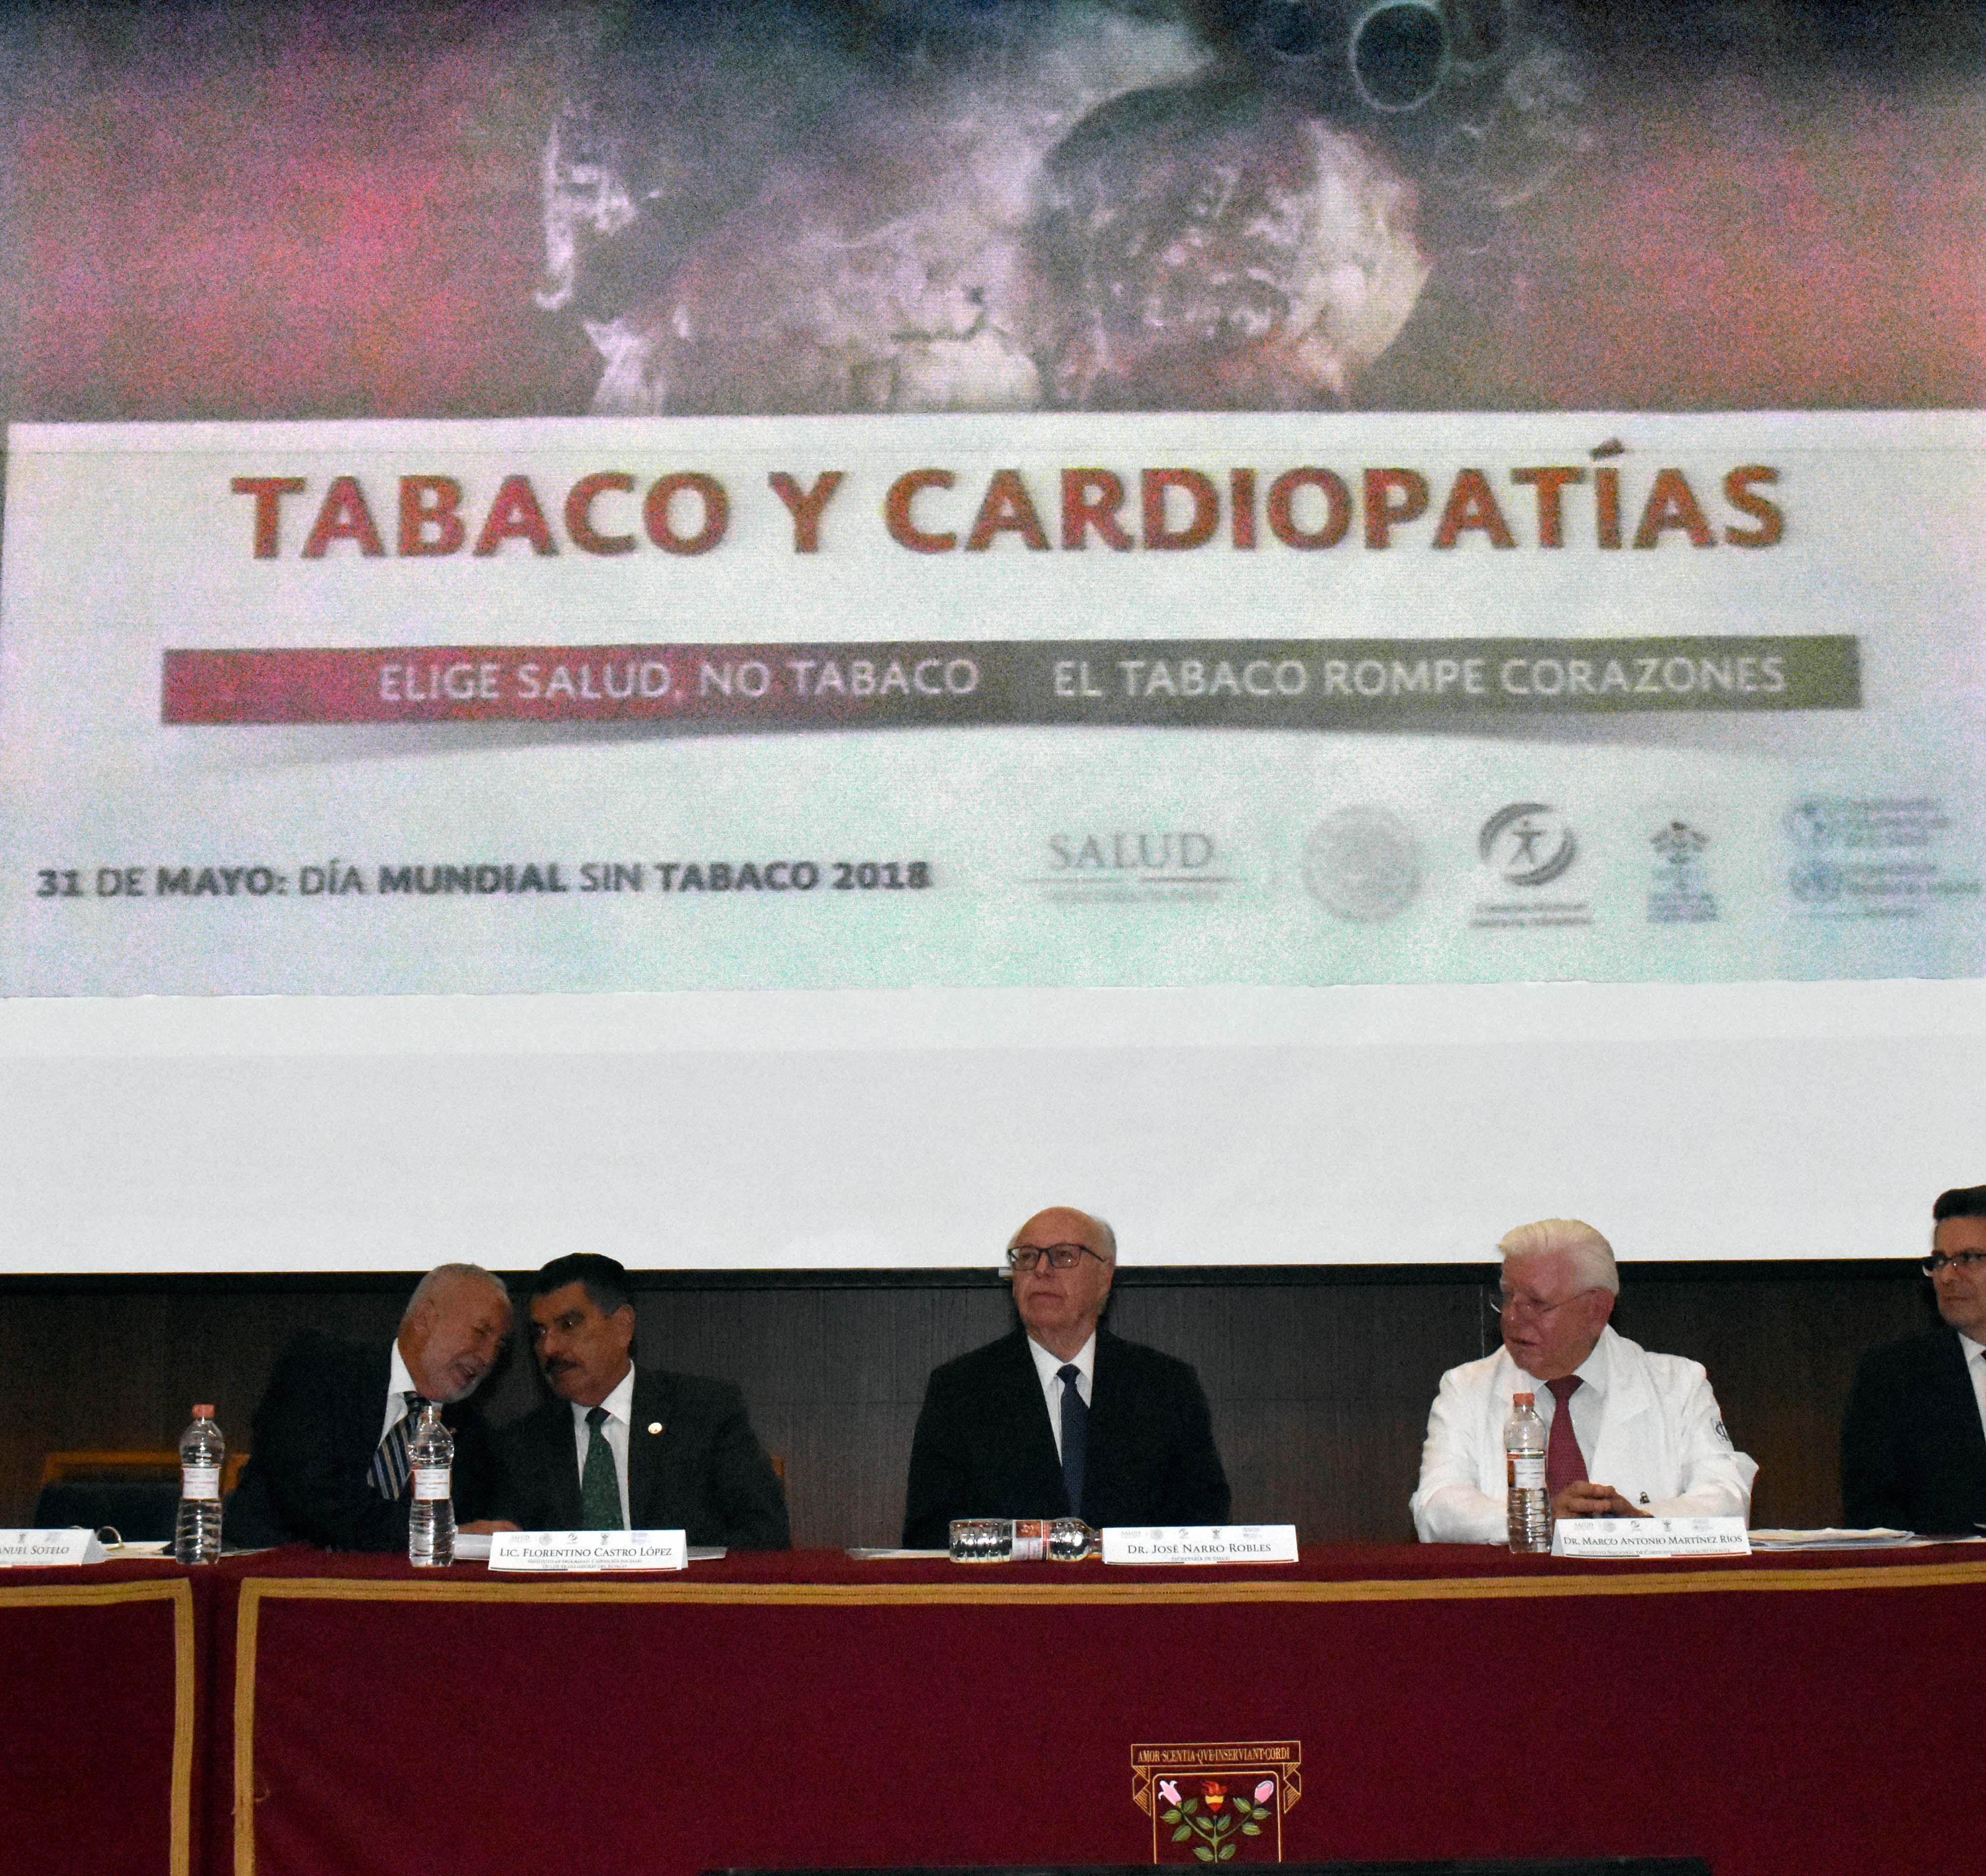 El combate al tabaquismo no debe tener ninguna consideración, ya que algunos sectores se benefician a costa del dolor humano.